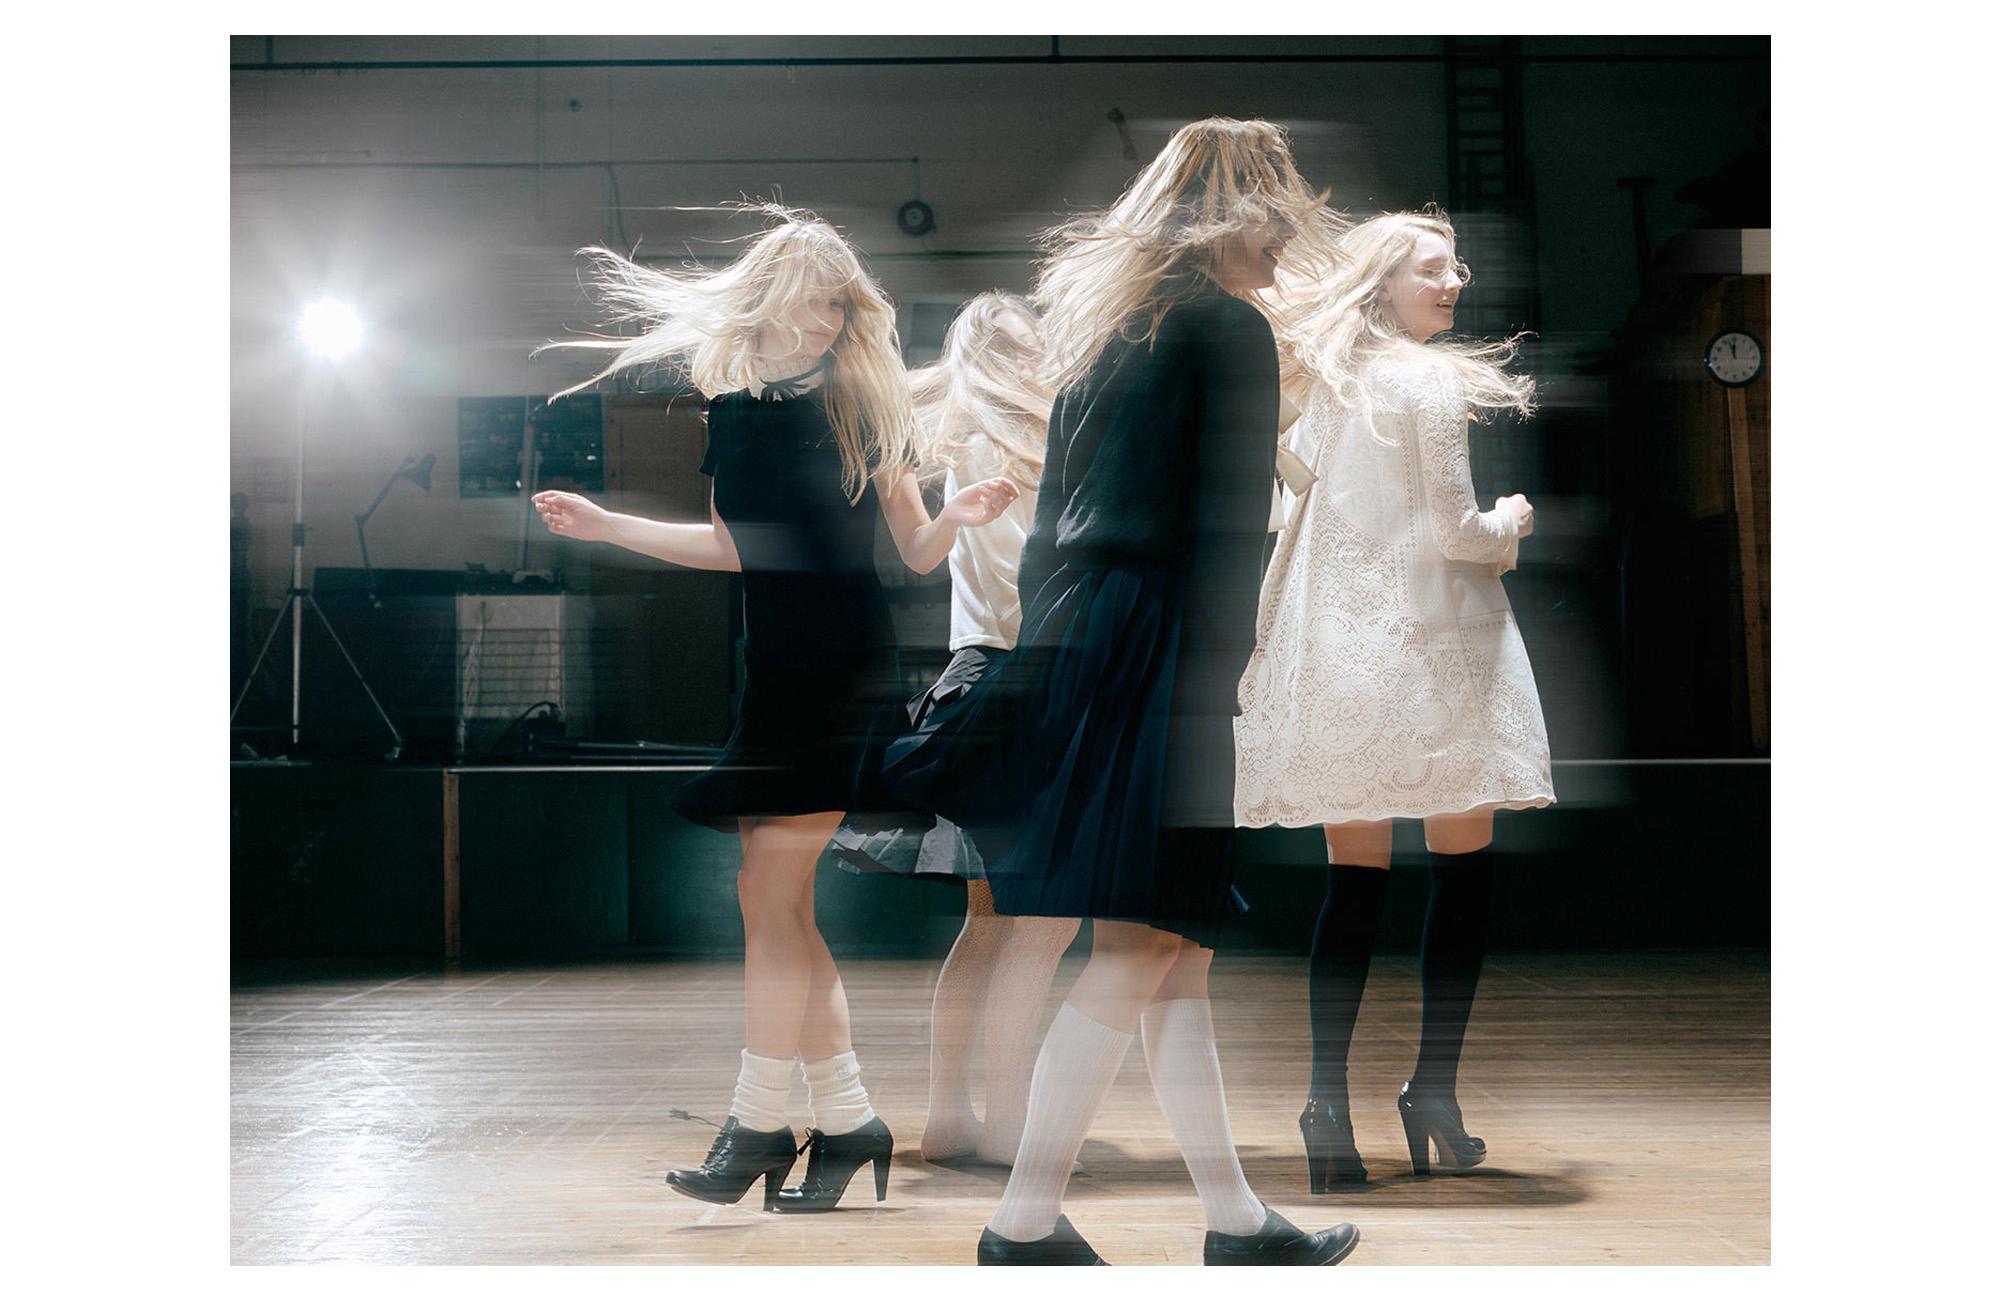 Girls School - 4 of 4